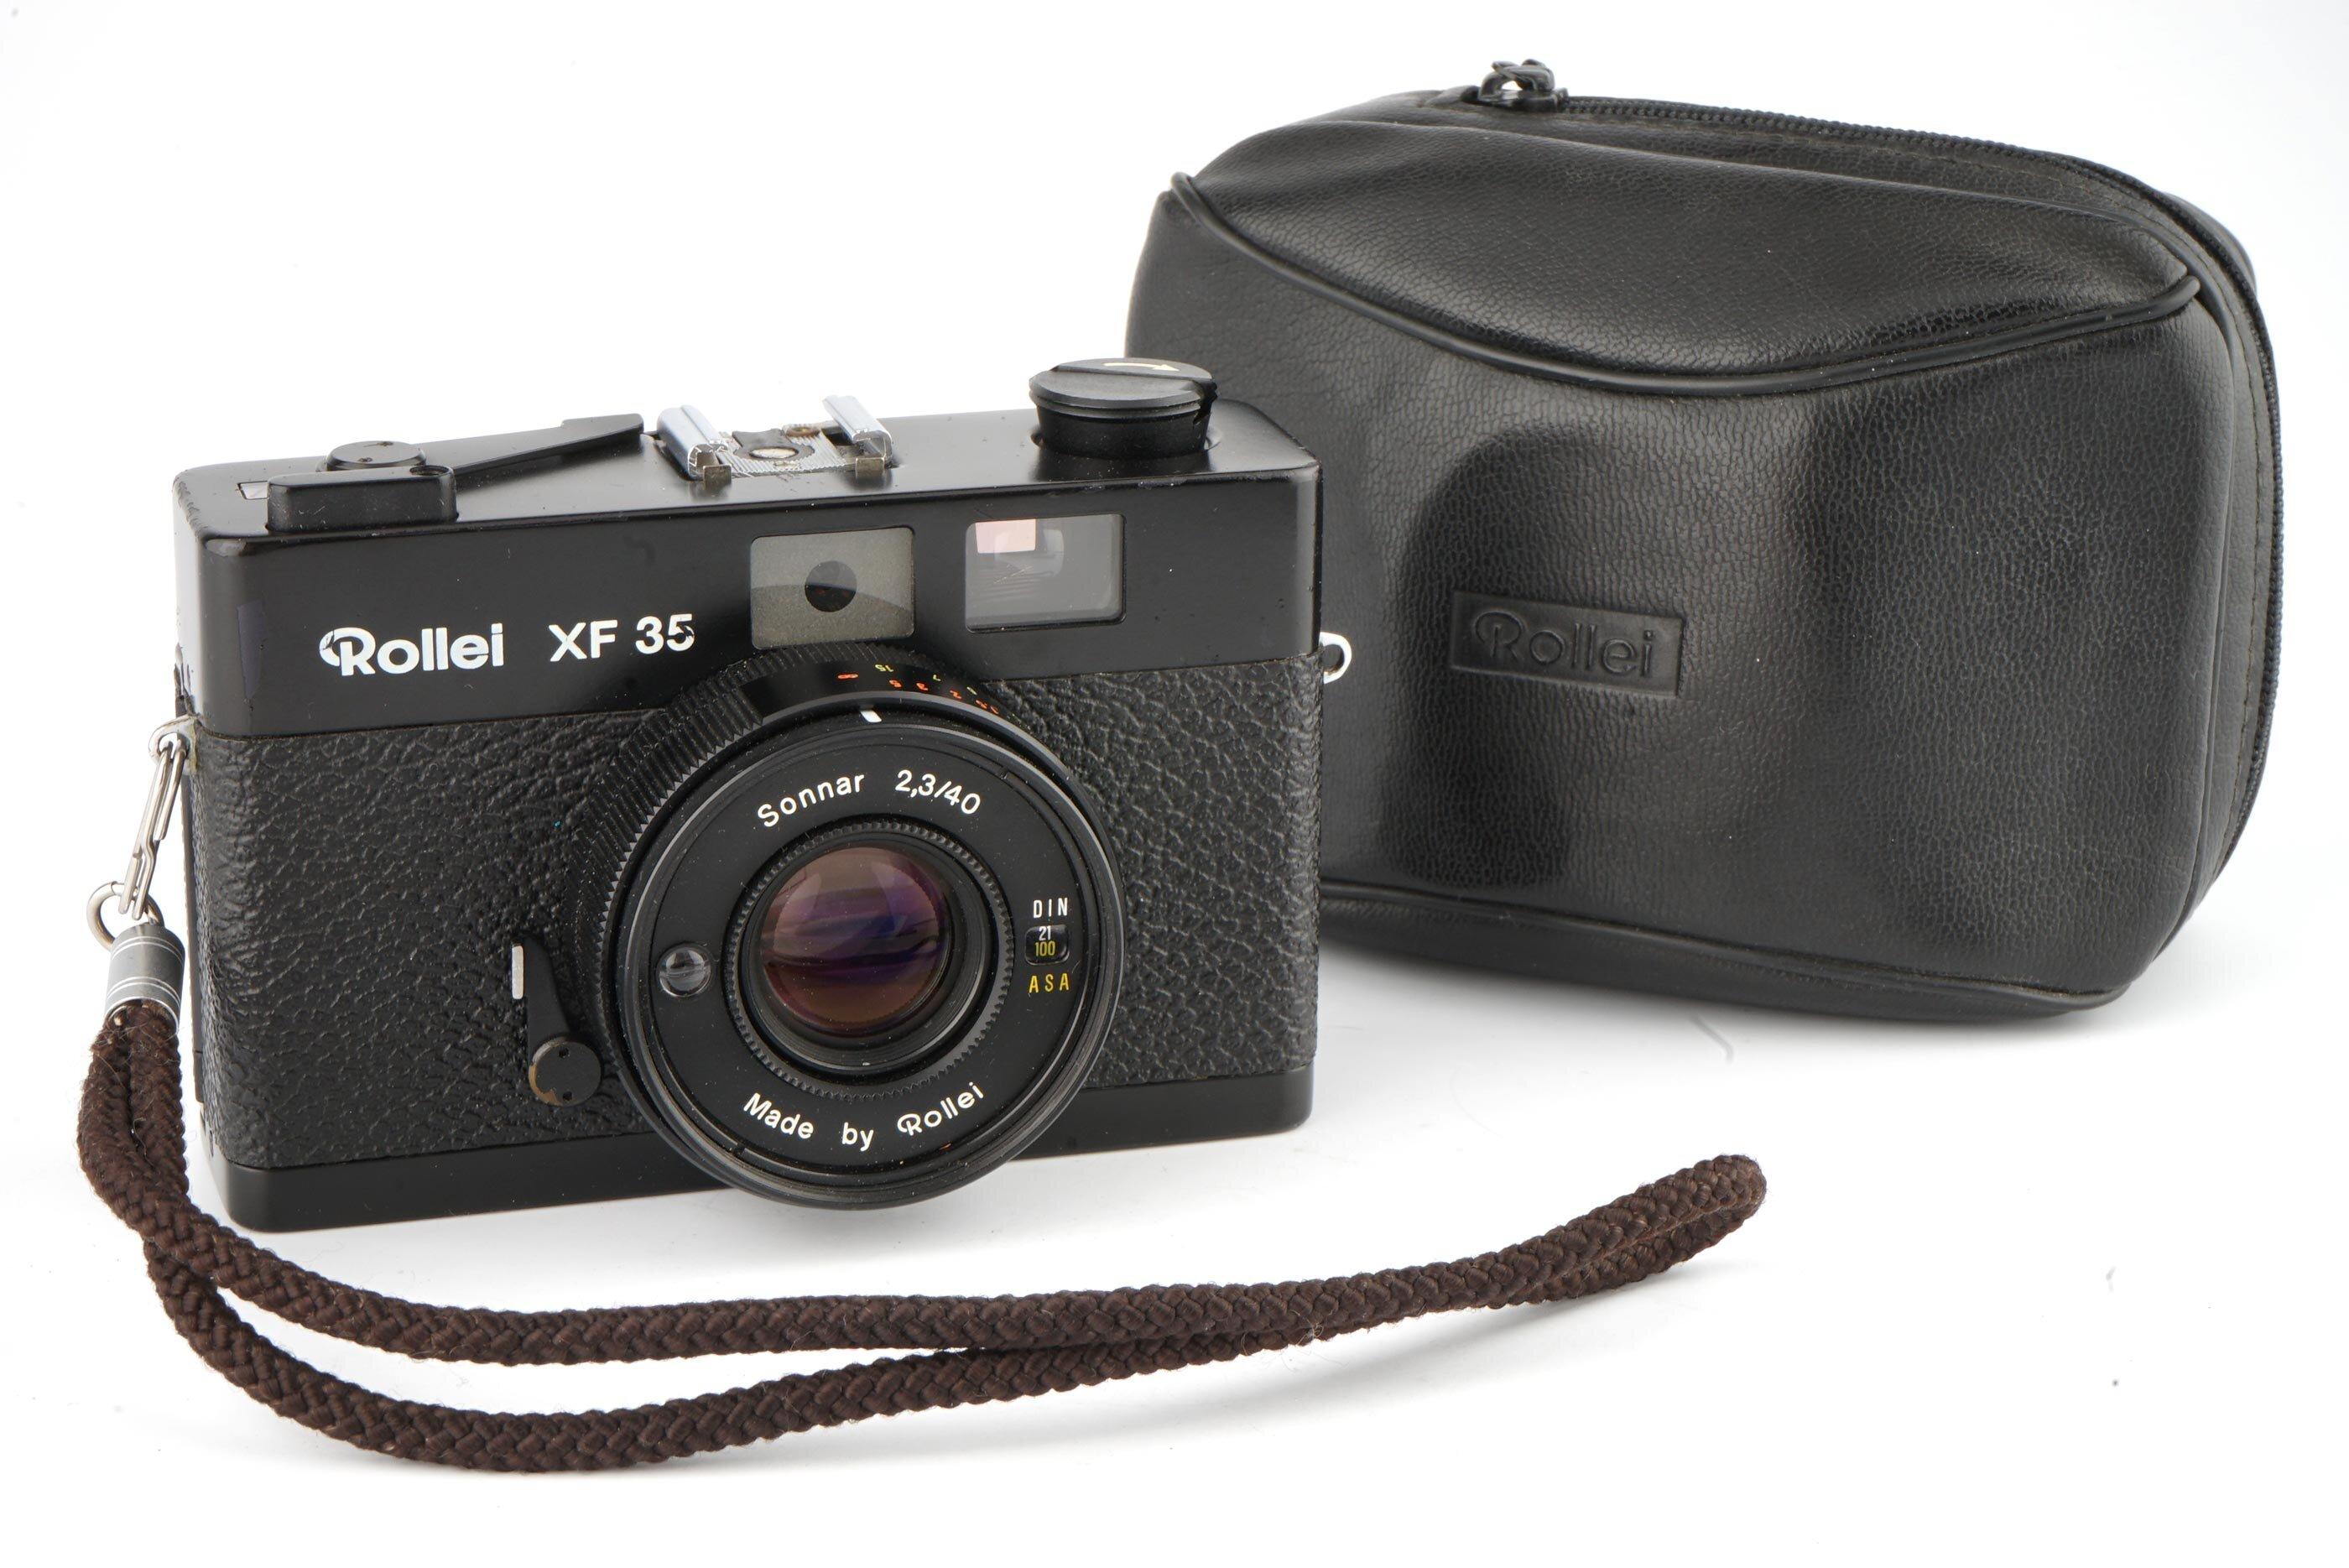 Rollei XF 35 Sonnar 2,3/40mm